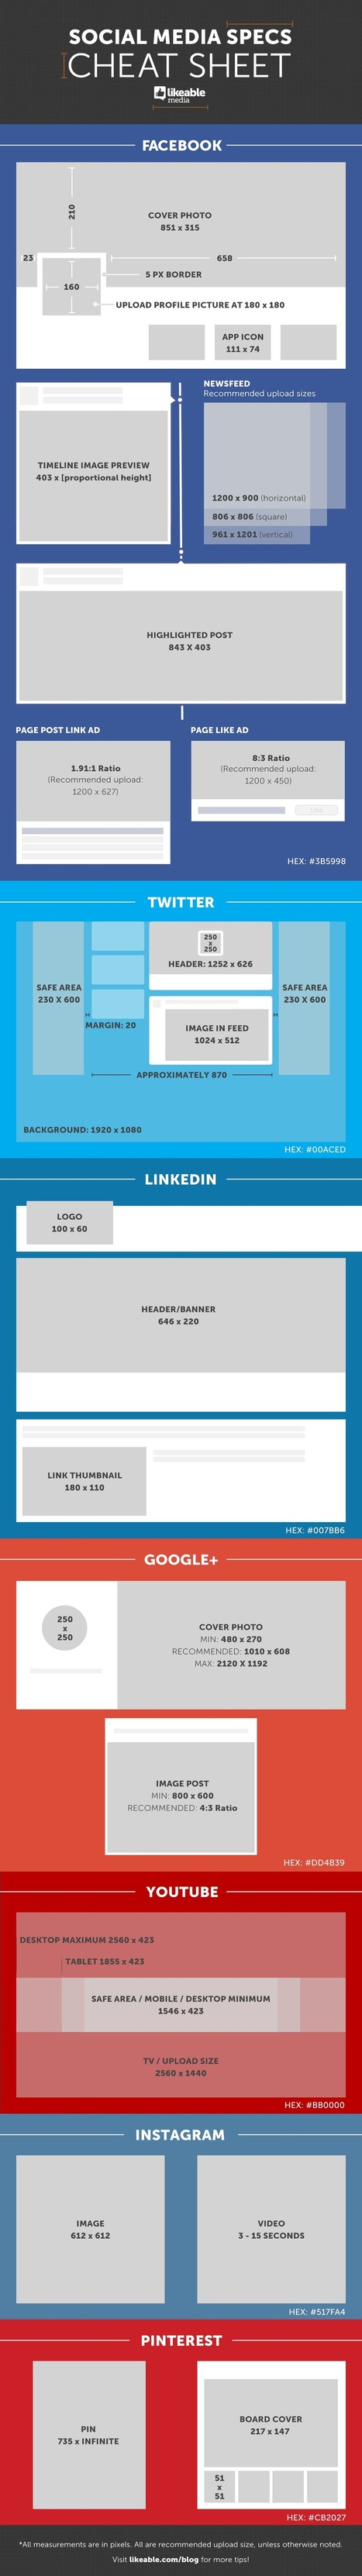 Tamaños de las imágenes en Redes Sociales   Educacion, ecologia y TIC   Scoop.it